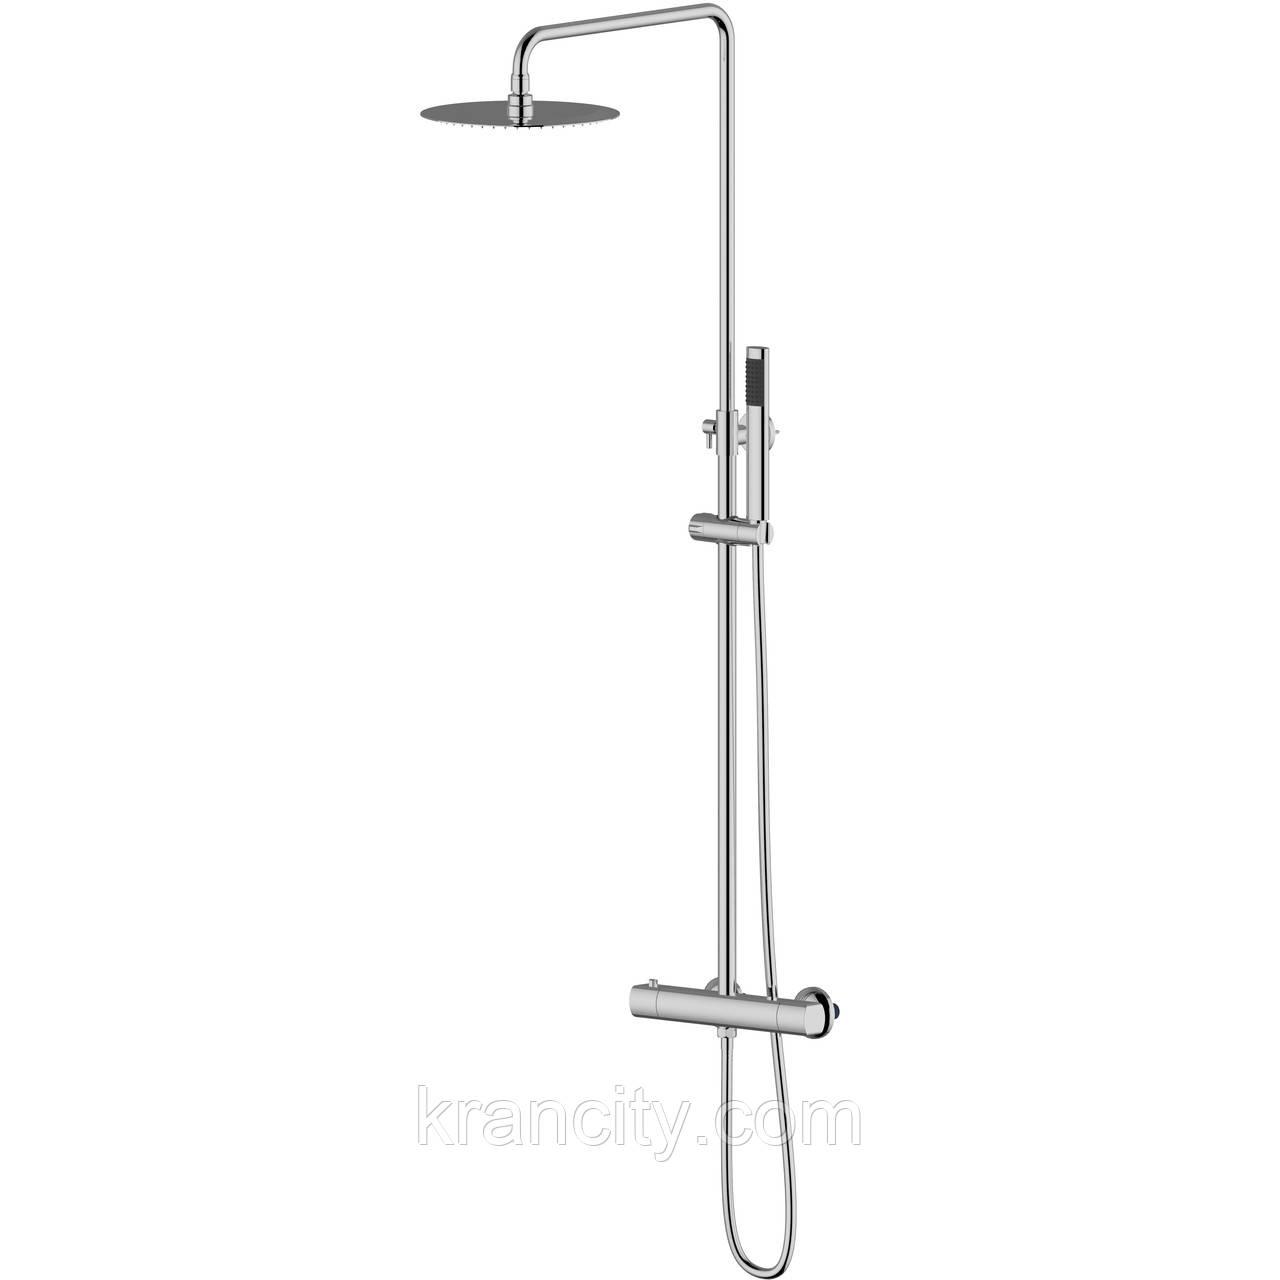 Система душевая  (смеситель-термостат для душа, верхний и ручной душ, шланг) IMPRESE CENTRUM Т-15410